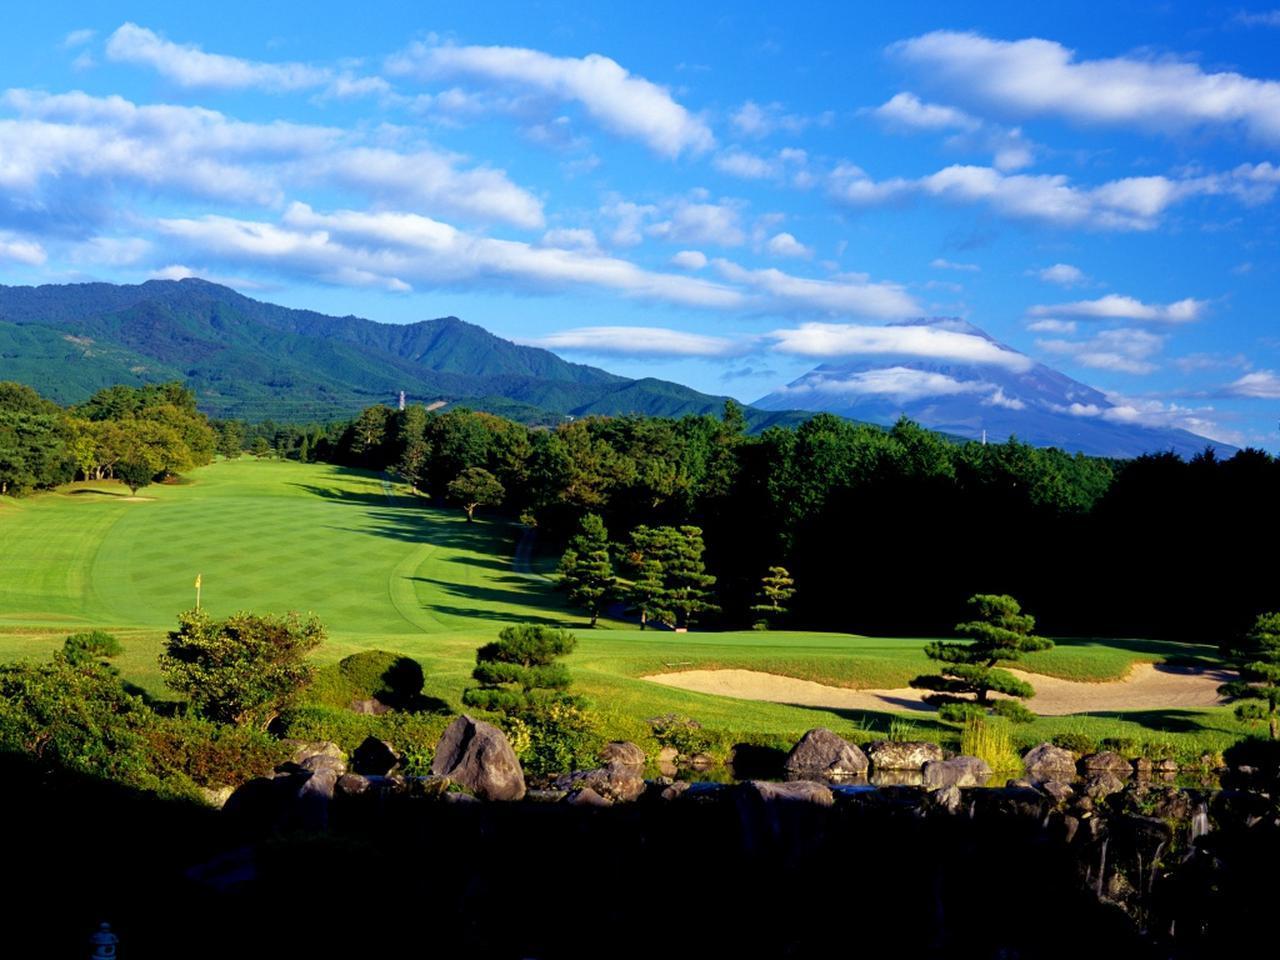 画像: 富士山の裾野に広がる27H。スタンレーレディストーナメント(10/5~10/7開催)の会場